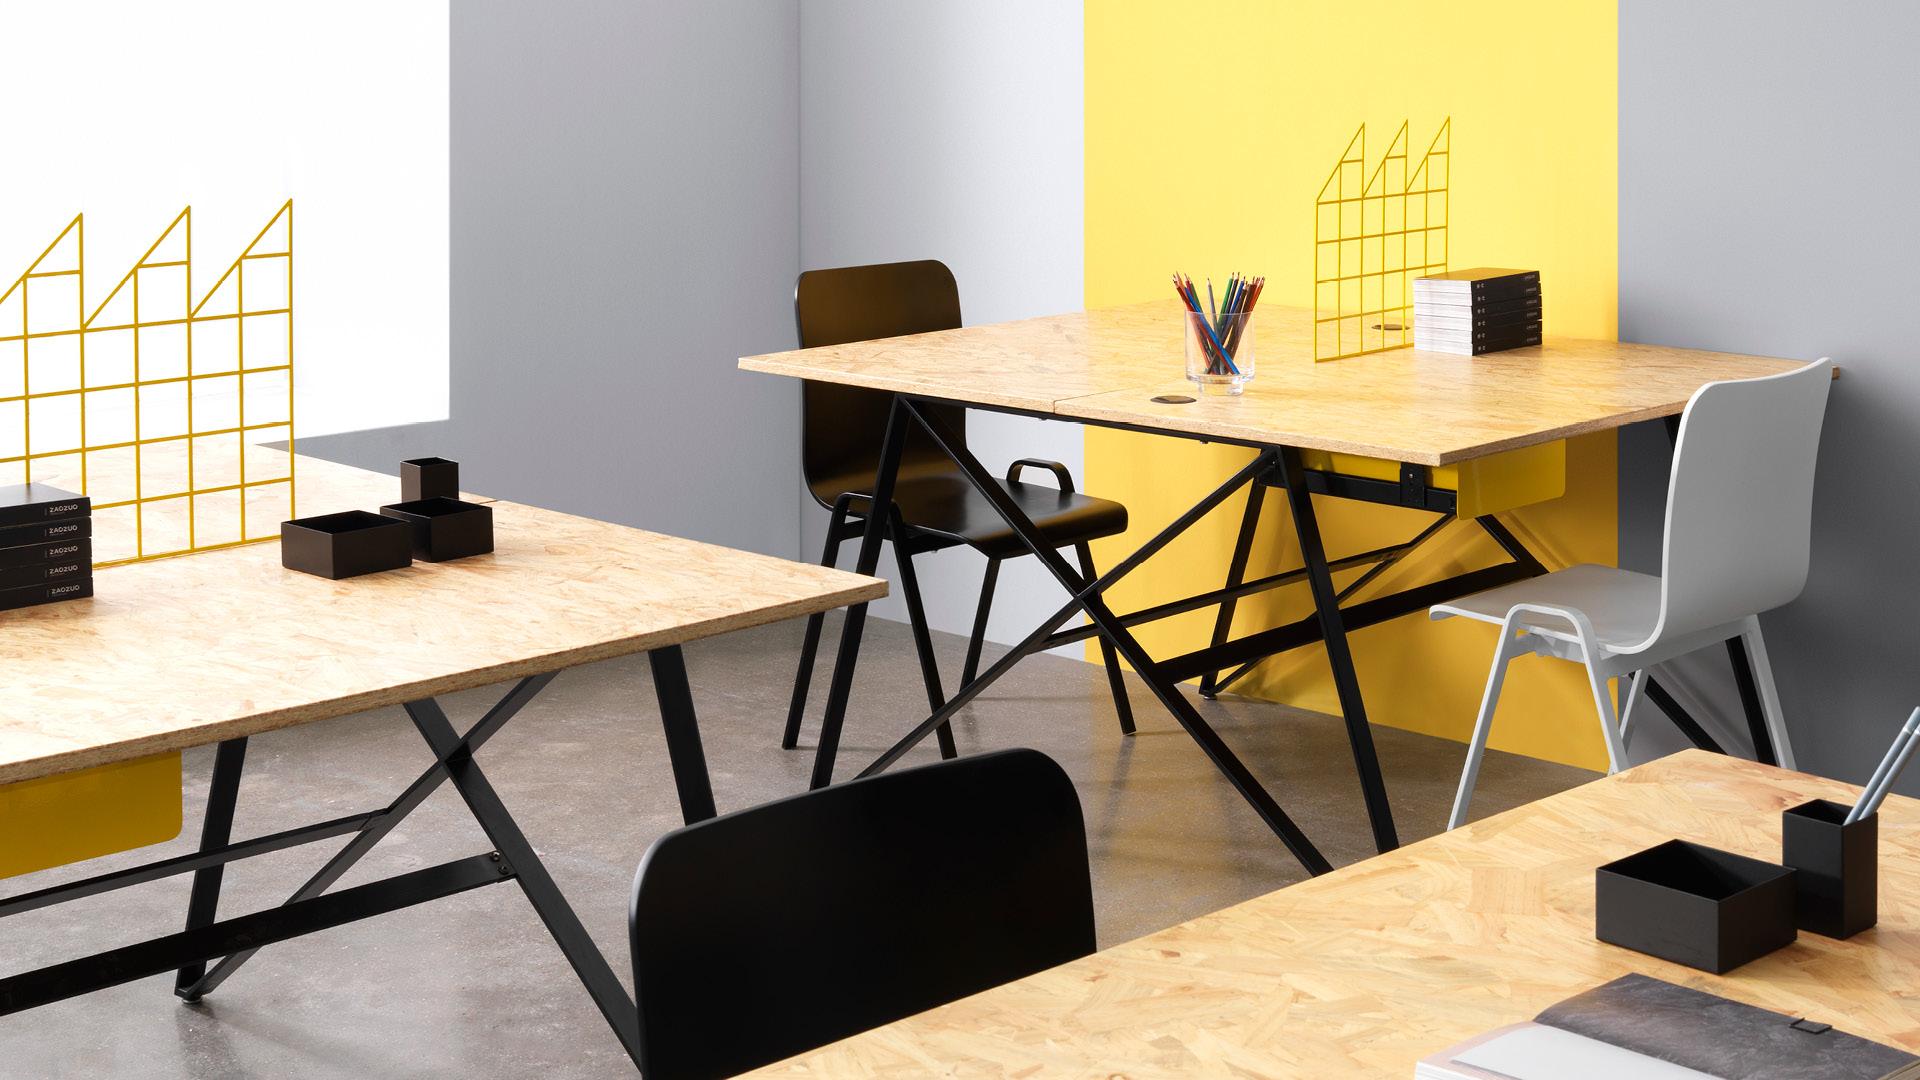 一把什么样的办公椅,才能让大型办公空间最具现代气质?洛城椅的优雅弧线与工业力量感,甩掉老气,营造更具活力的大型办公空间。